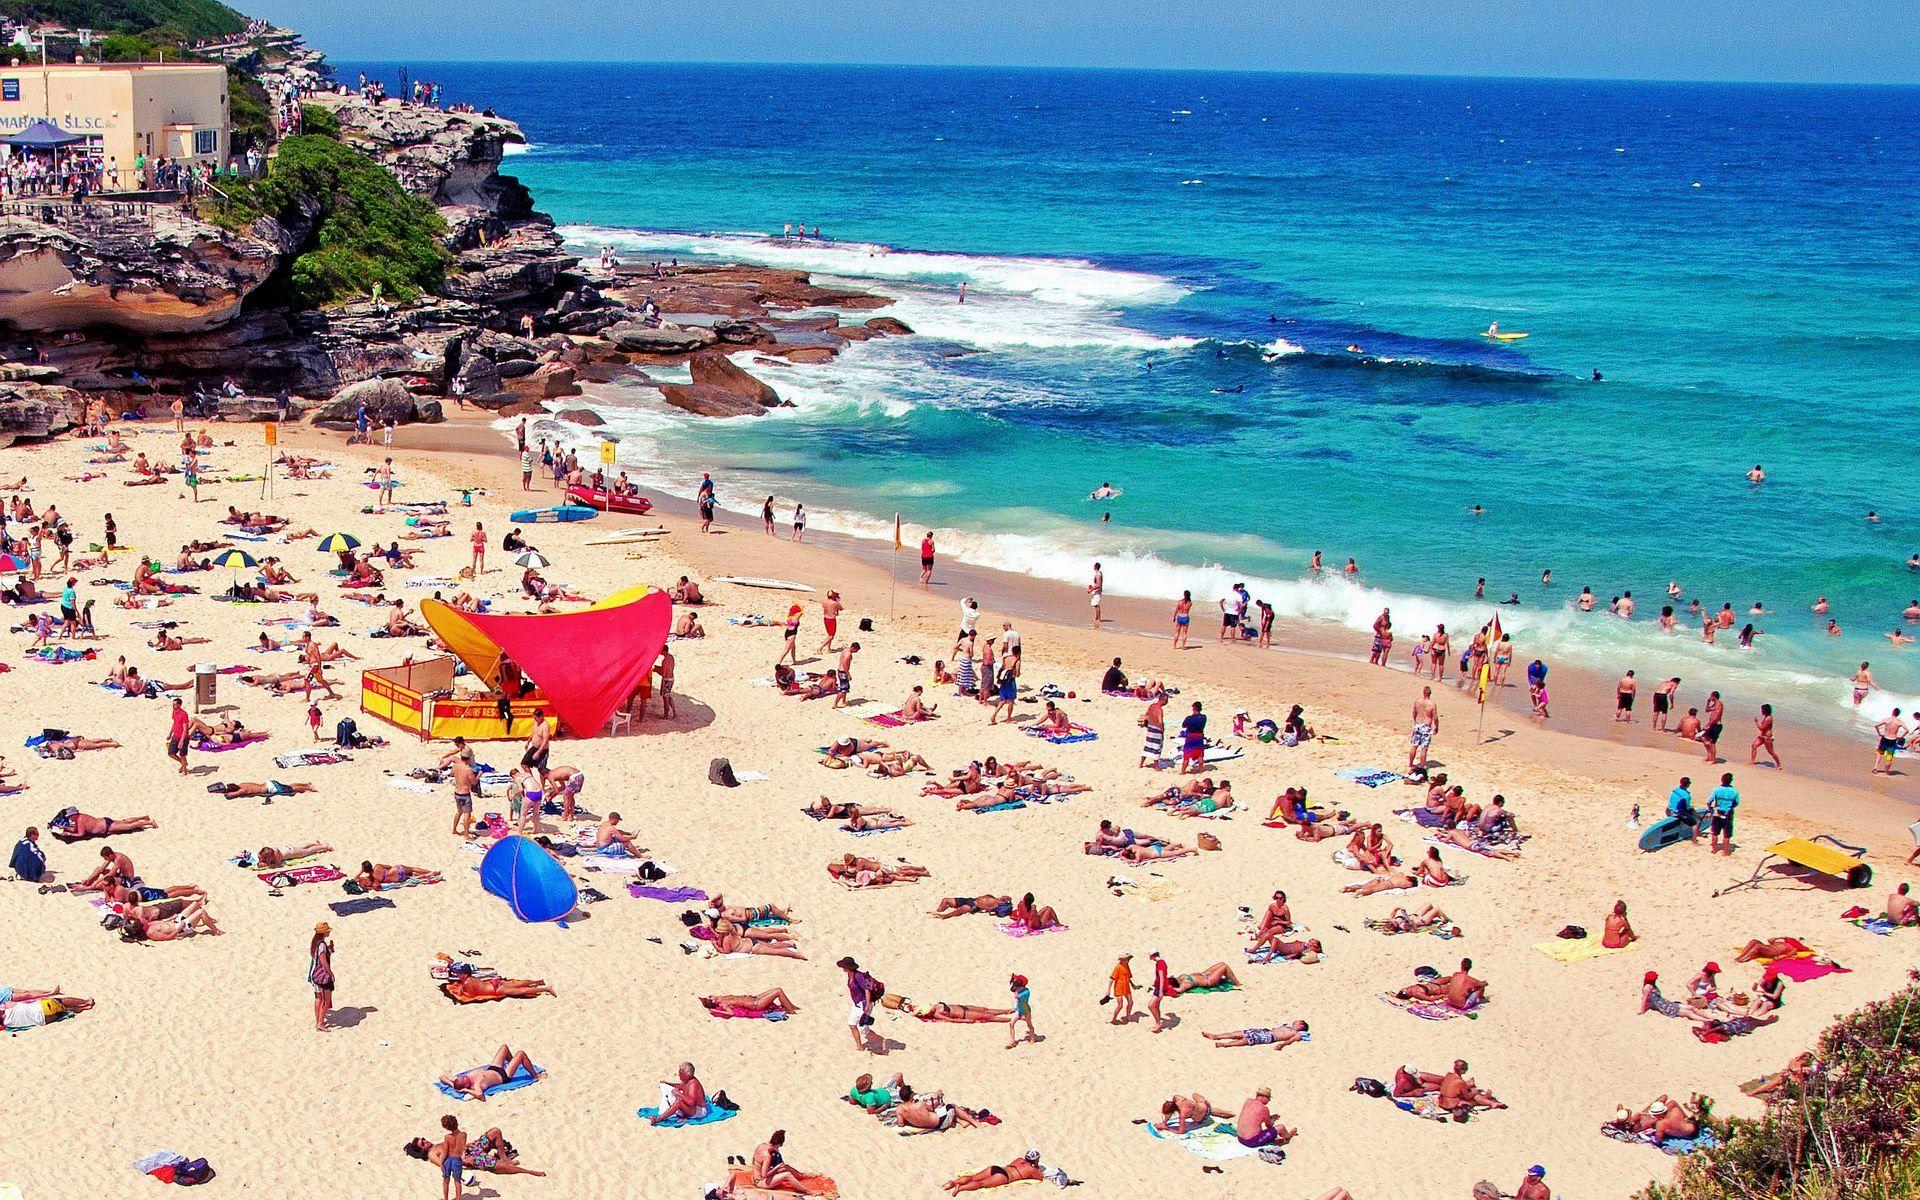 прогуливались куда фото австралийского пляжа разговор сырных супах